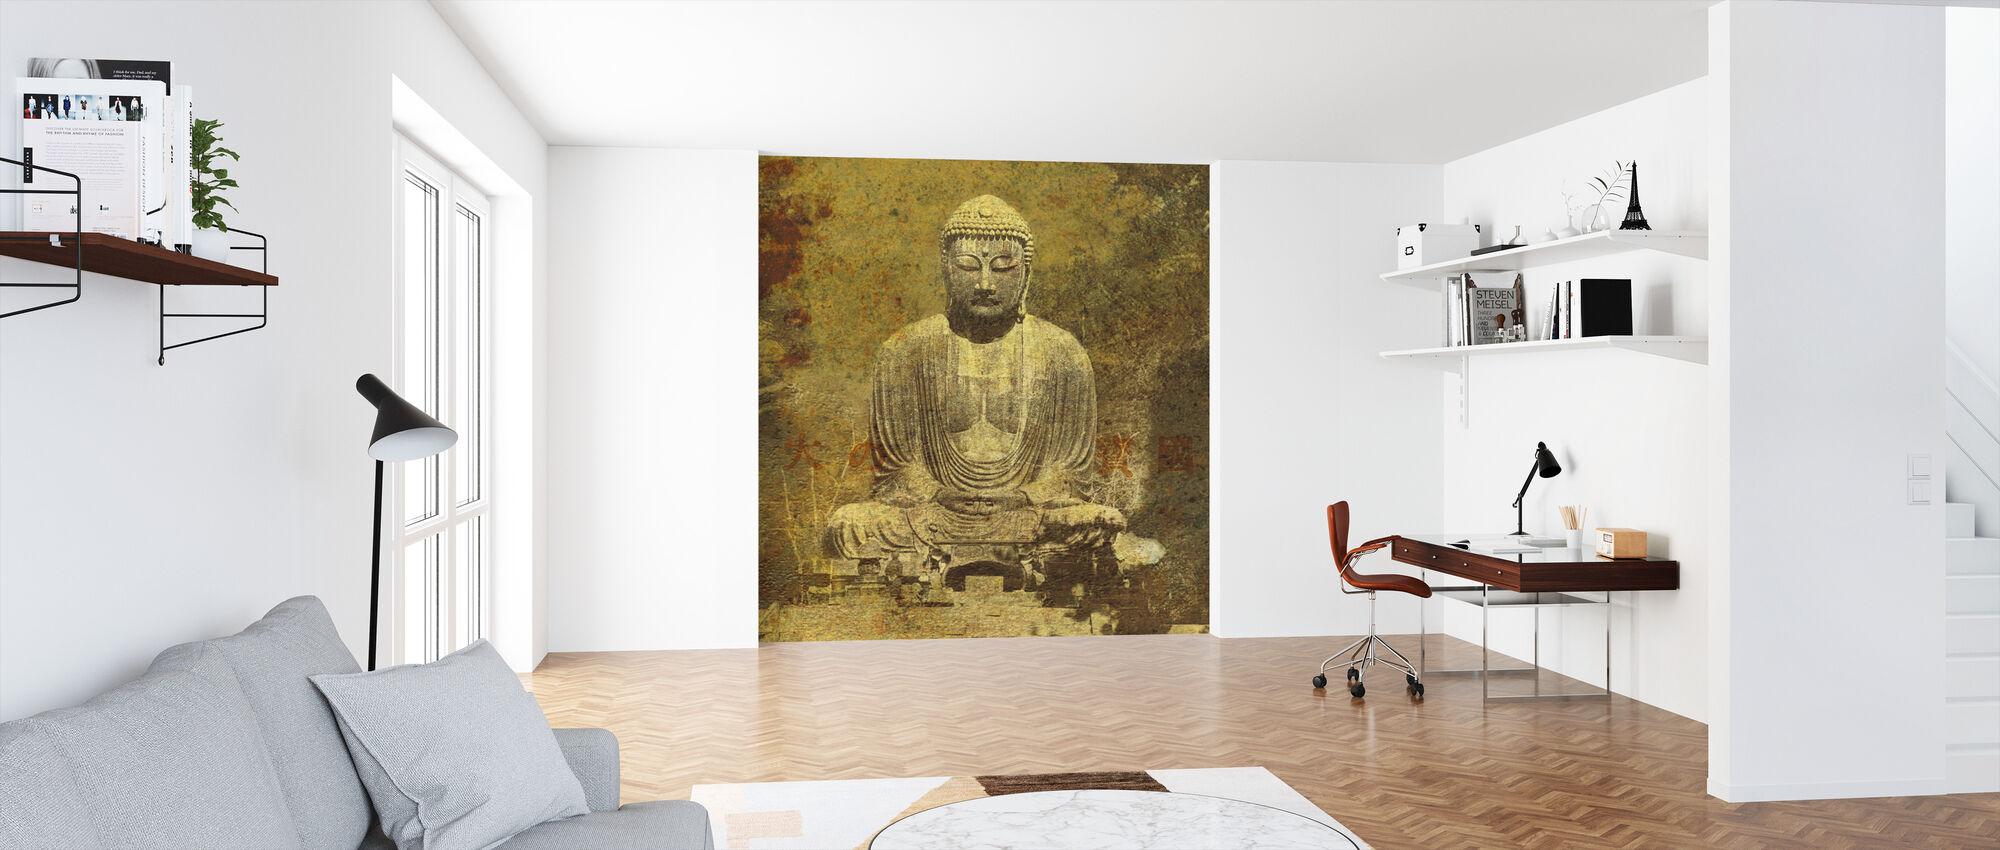 Asian Buddha - Wallpaper - Office